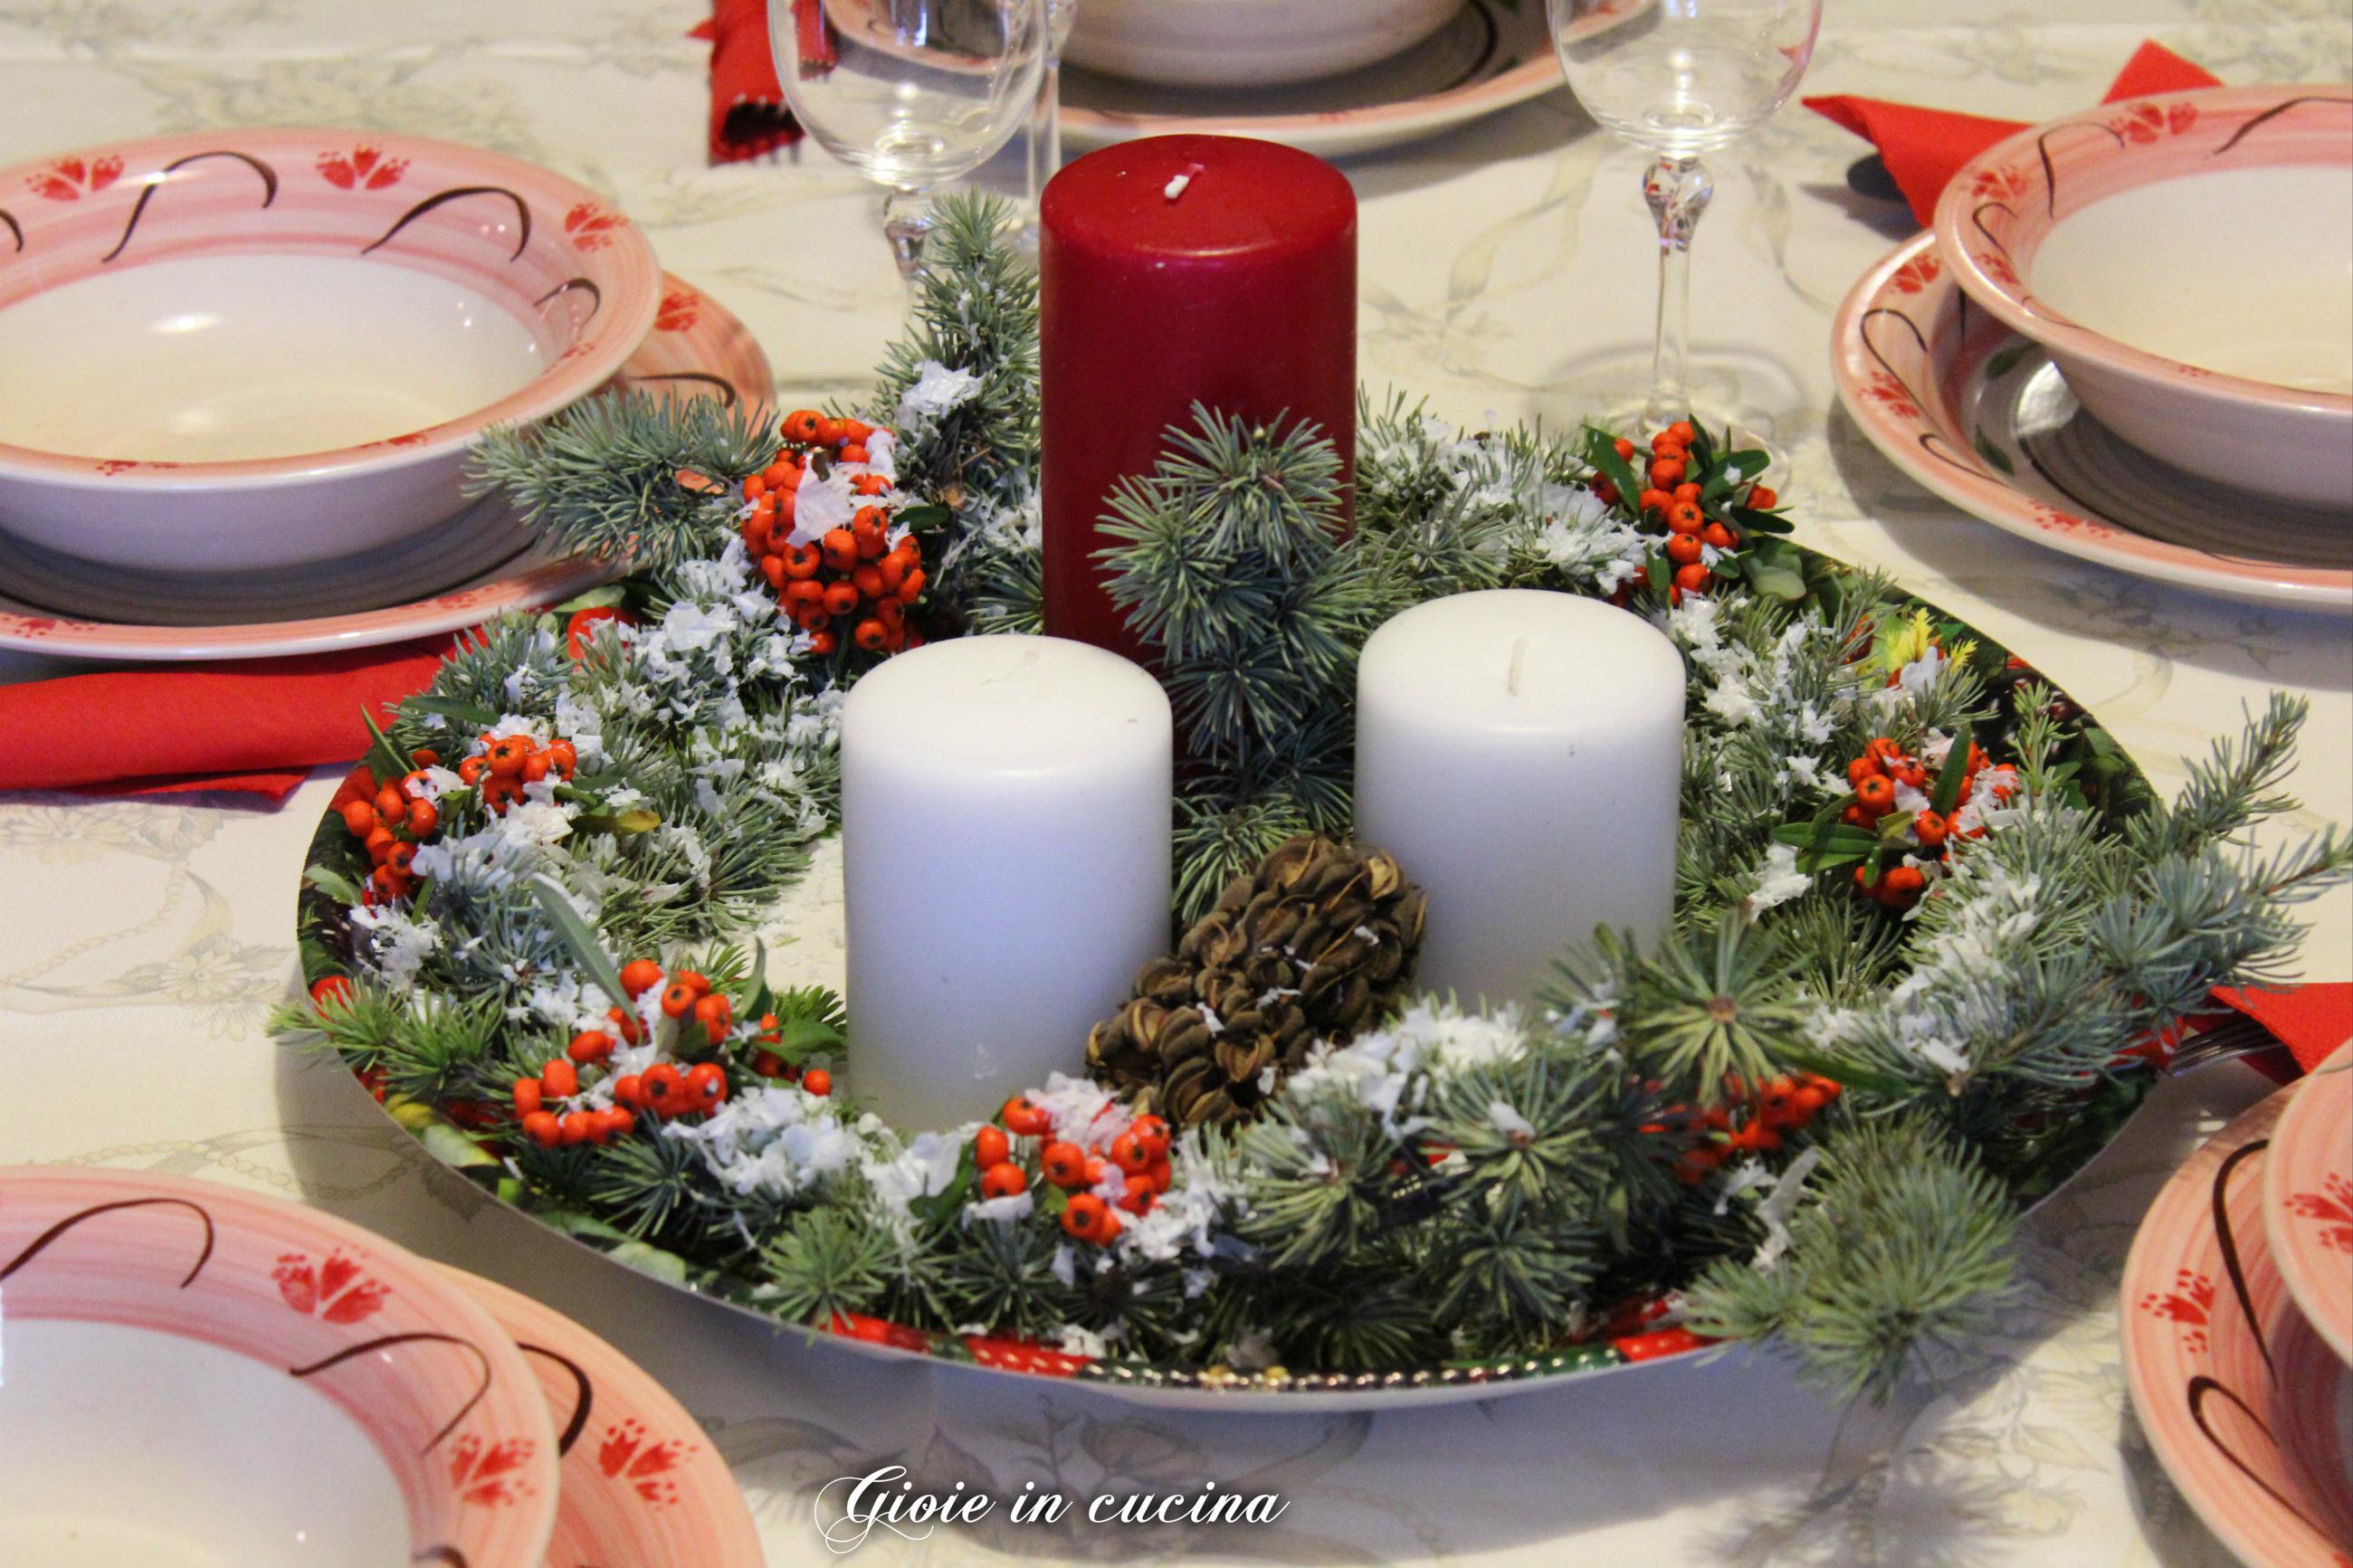 Centro tavola natalizio fai da te gioie in cucina - Tavola per cucina ...